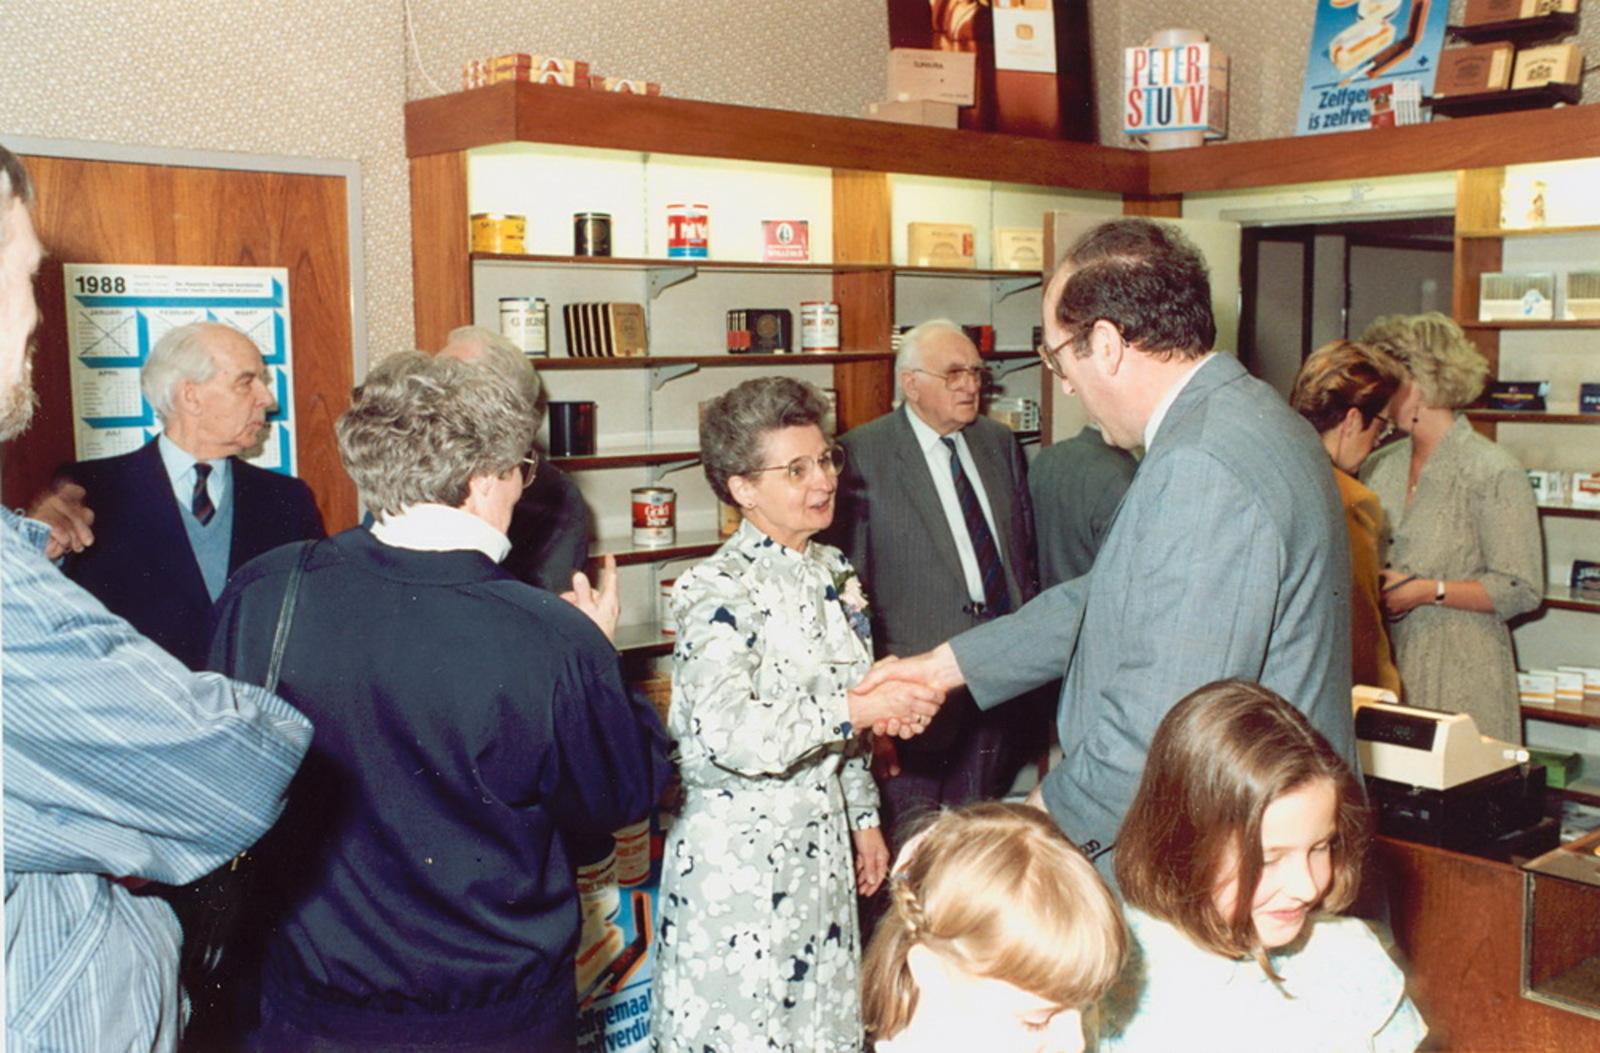 Marktlaan O 0022 1988 Sigarenboer Kraak 50jr Jub en Sluiting 24